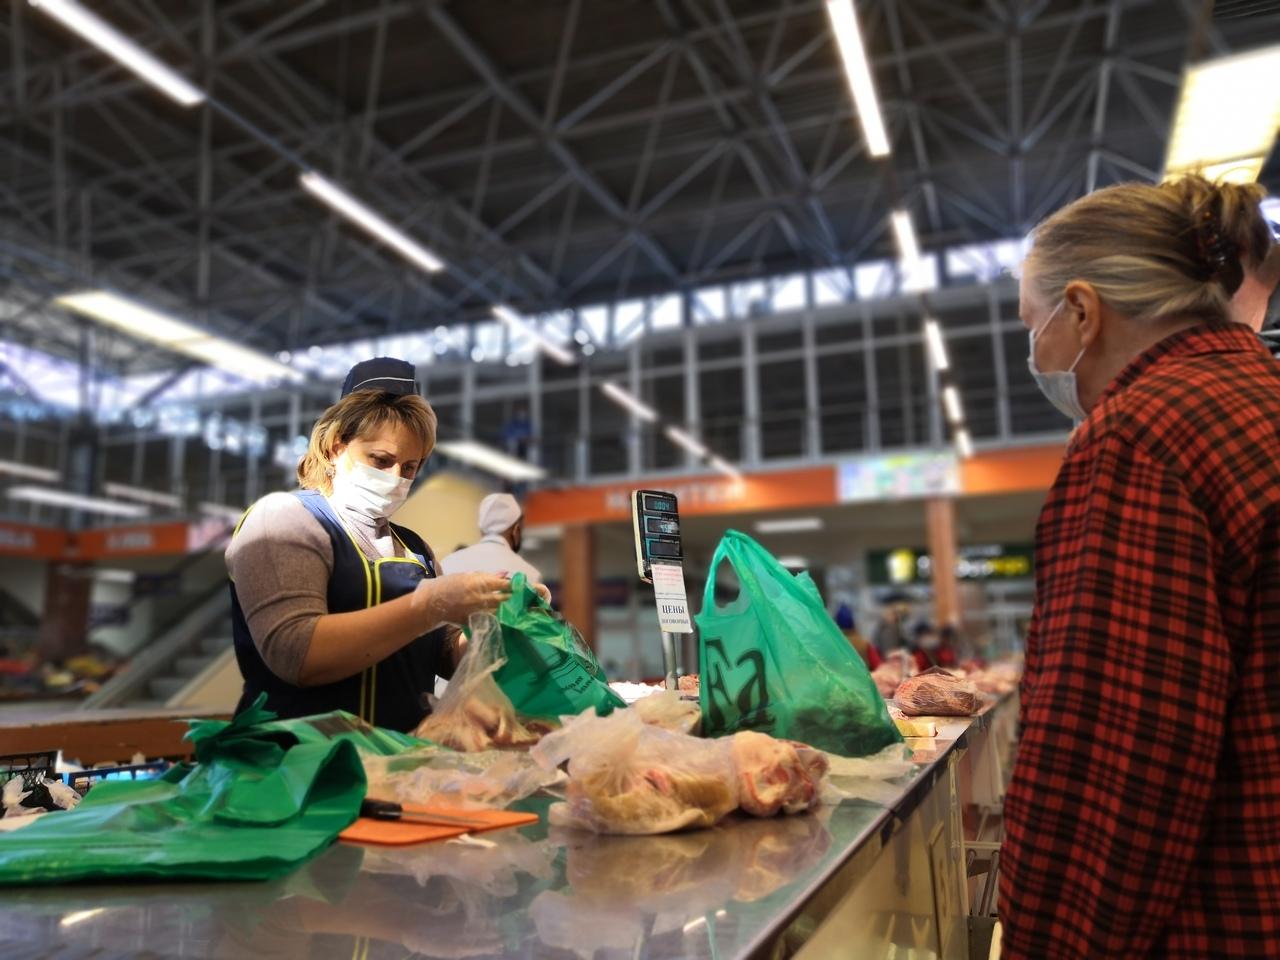 В Курске инспекторы Роспотребнадзора и полицейские без предупреждения нагрянули с проверкой на Центральный рынок